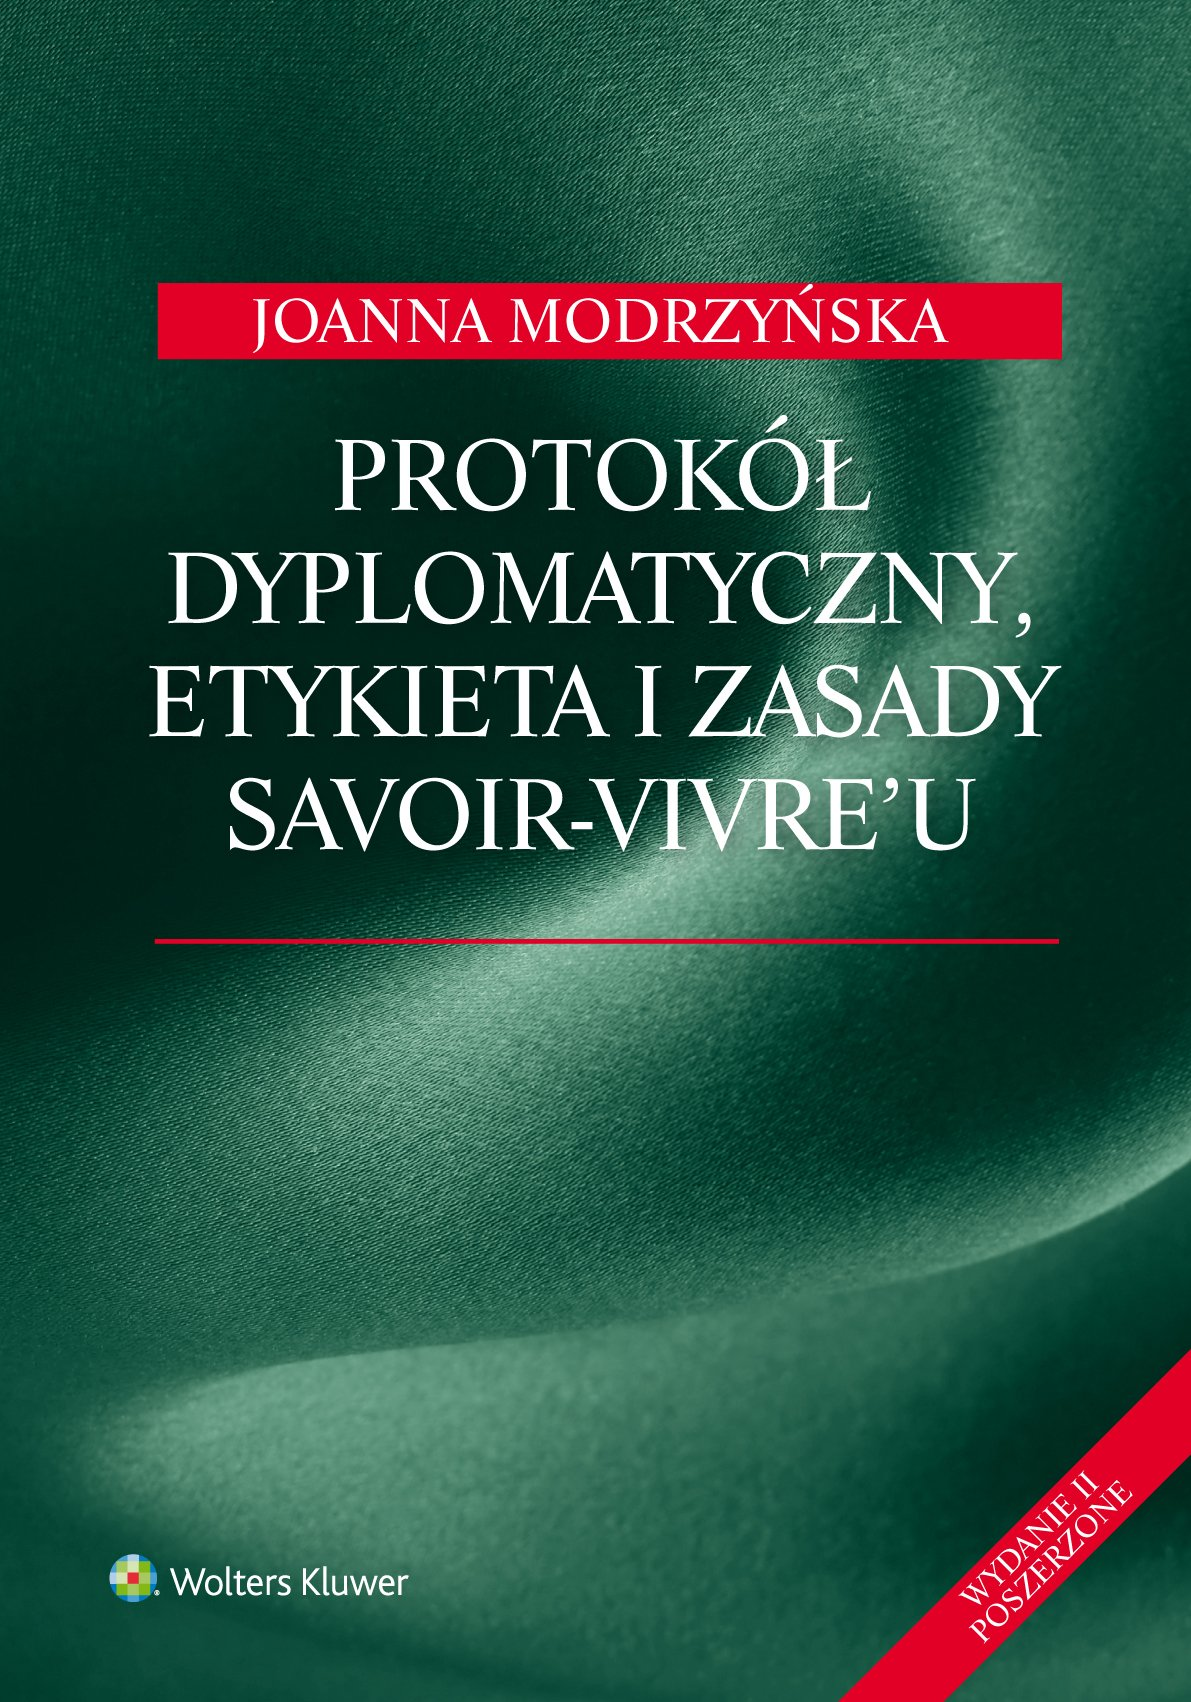 Protokół dyplomatyczny, etykieta i zasady savoir-vivre'u - Ebook (Książka PDF) do pobrania w formacie PDF